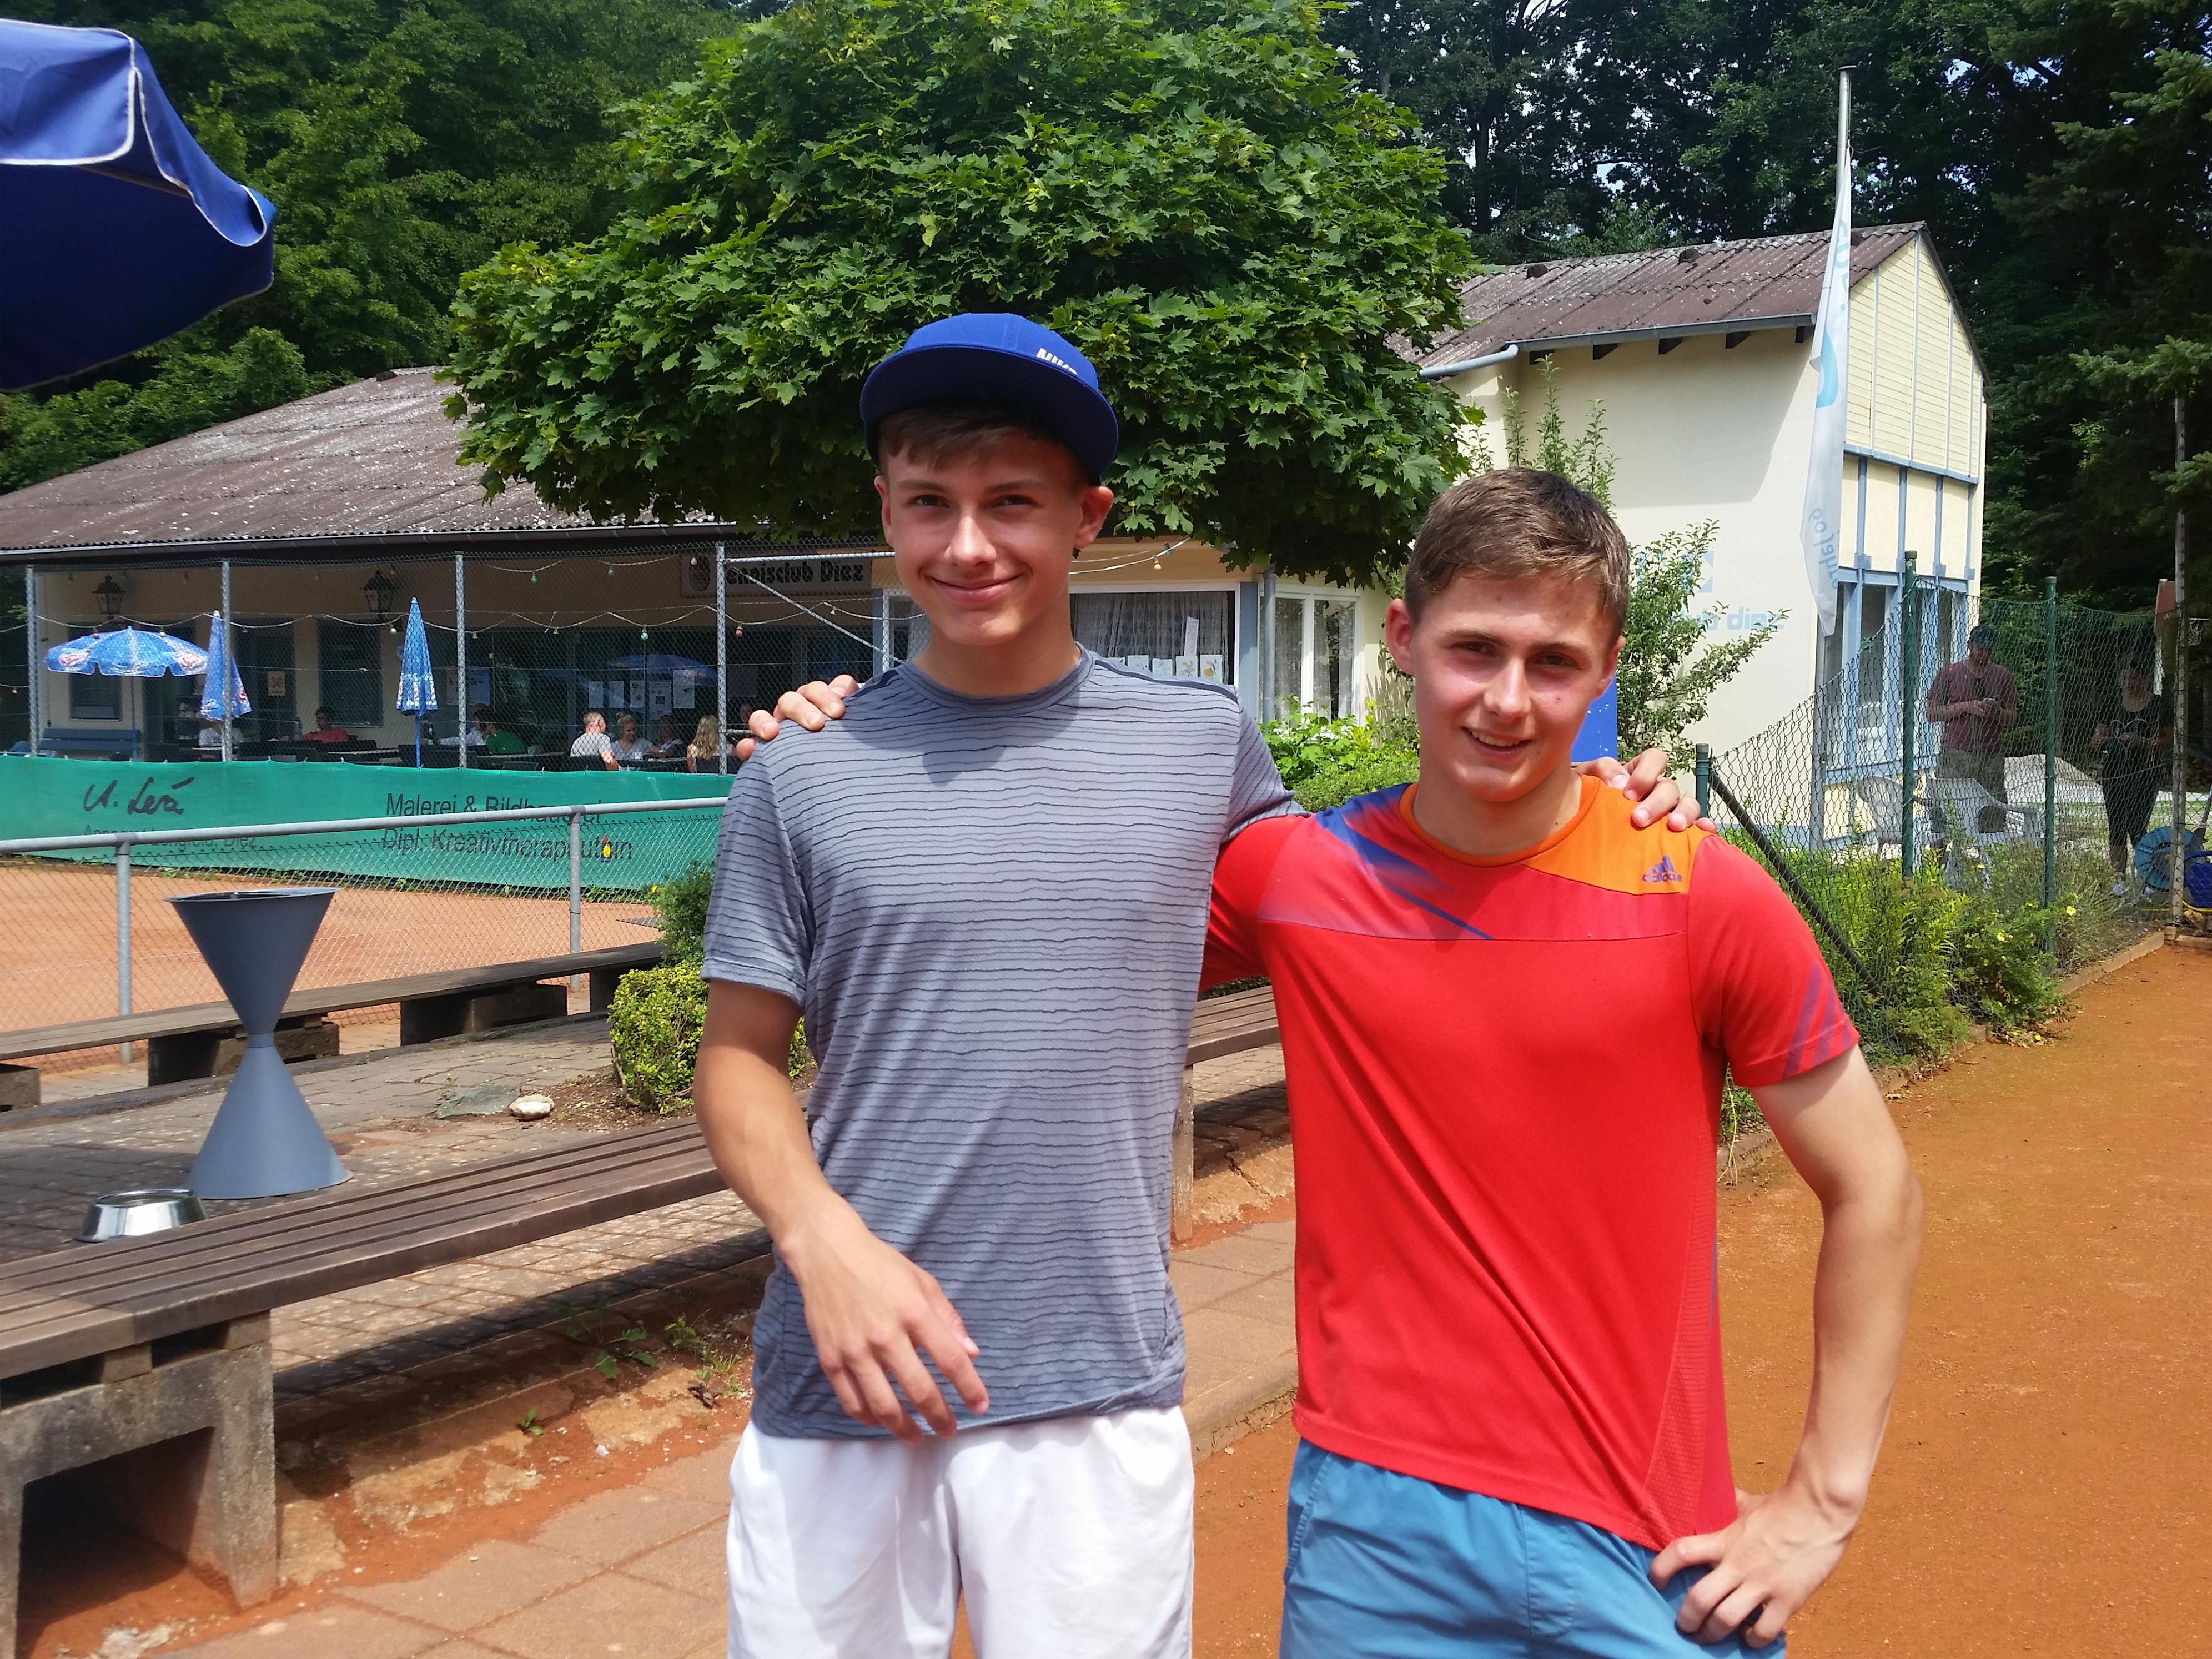 Hain Open 2016 in Diez 240716-2